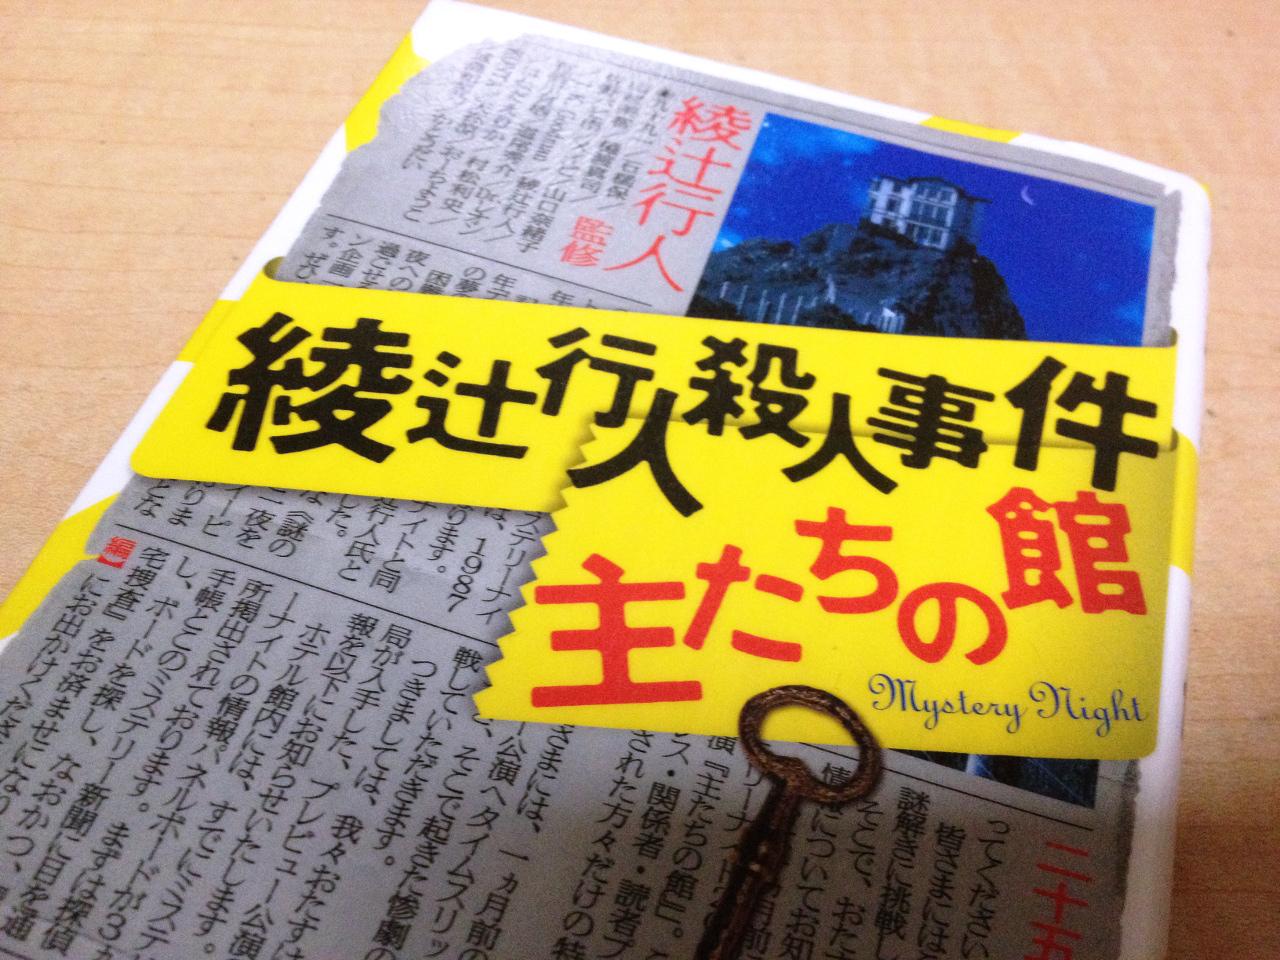 雑読雑記:「綾辻行人殺人事件 主たちの館」